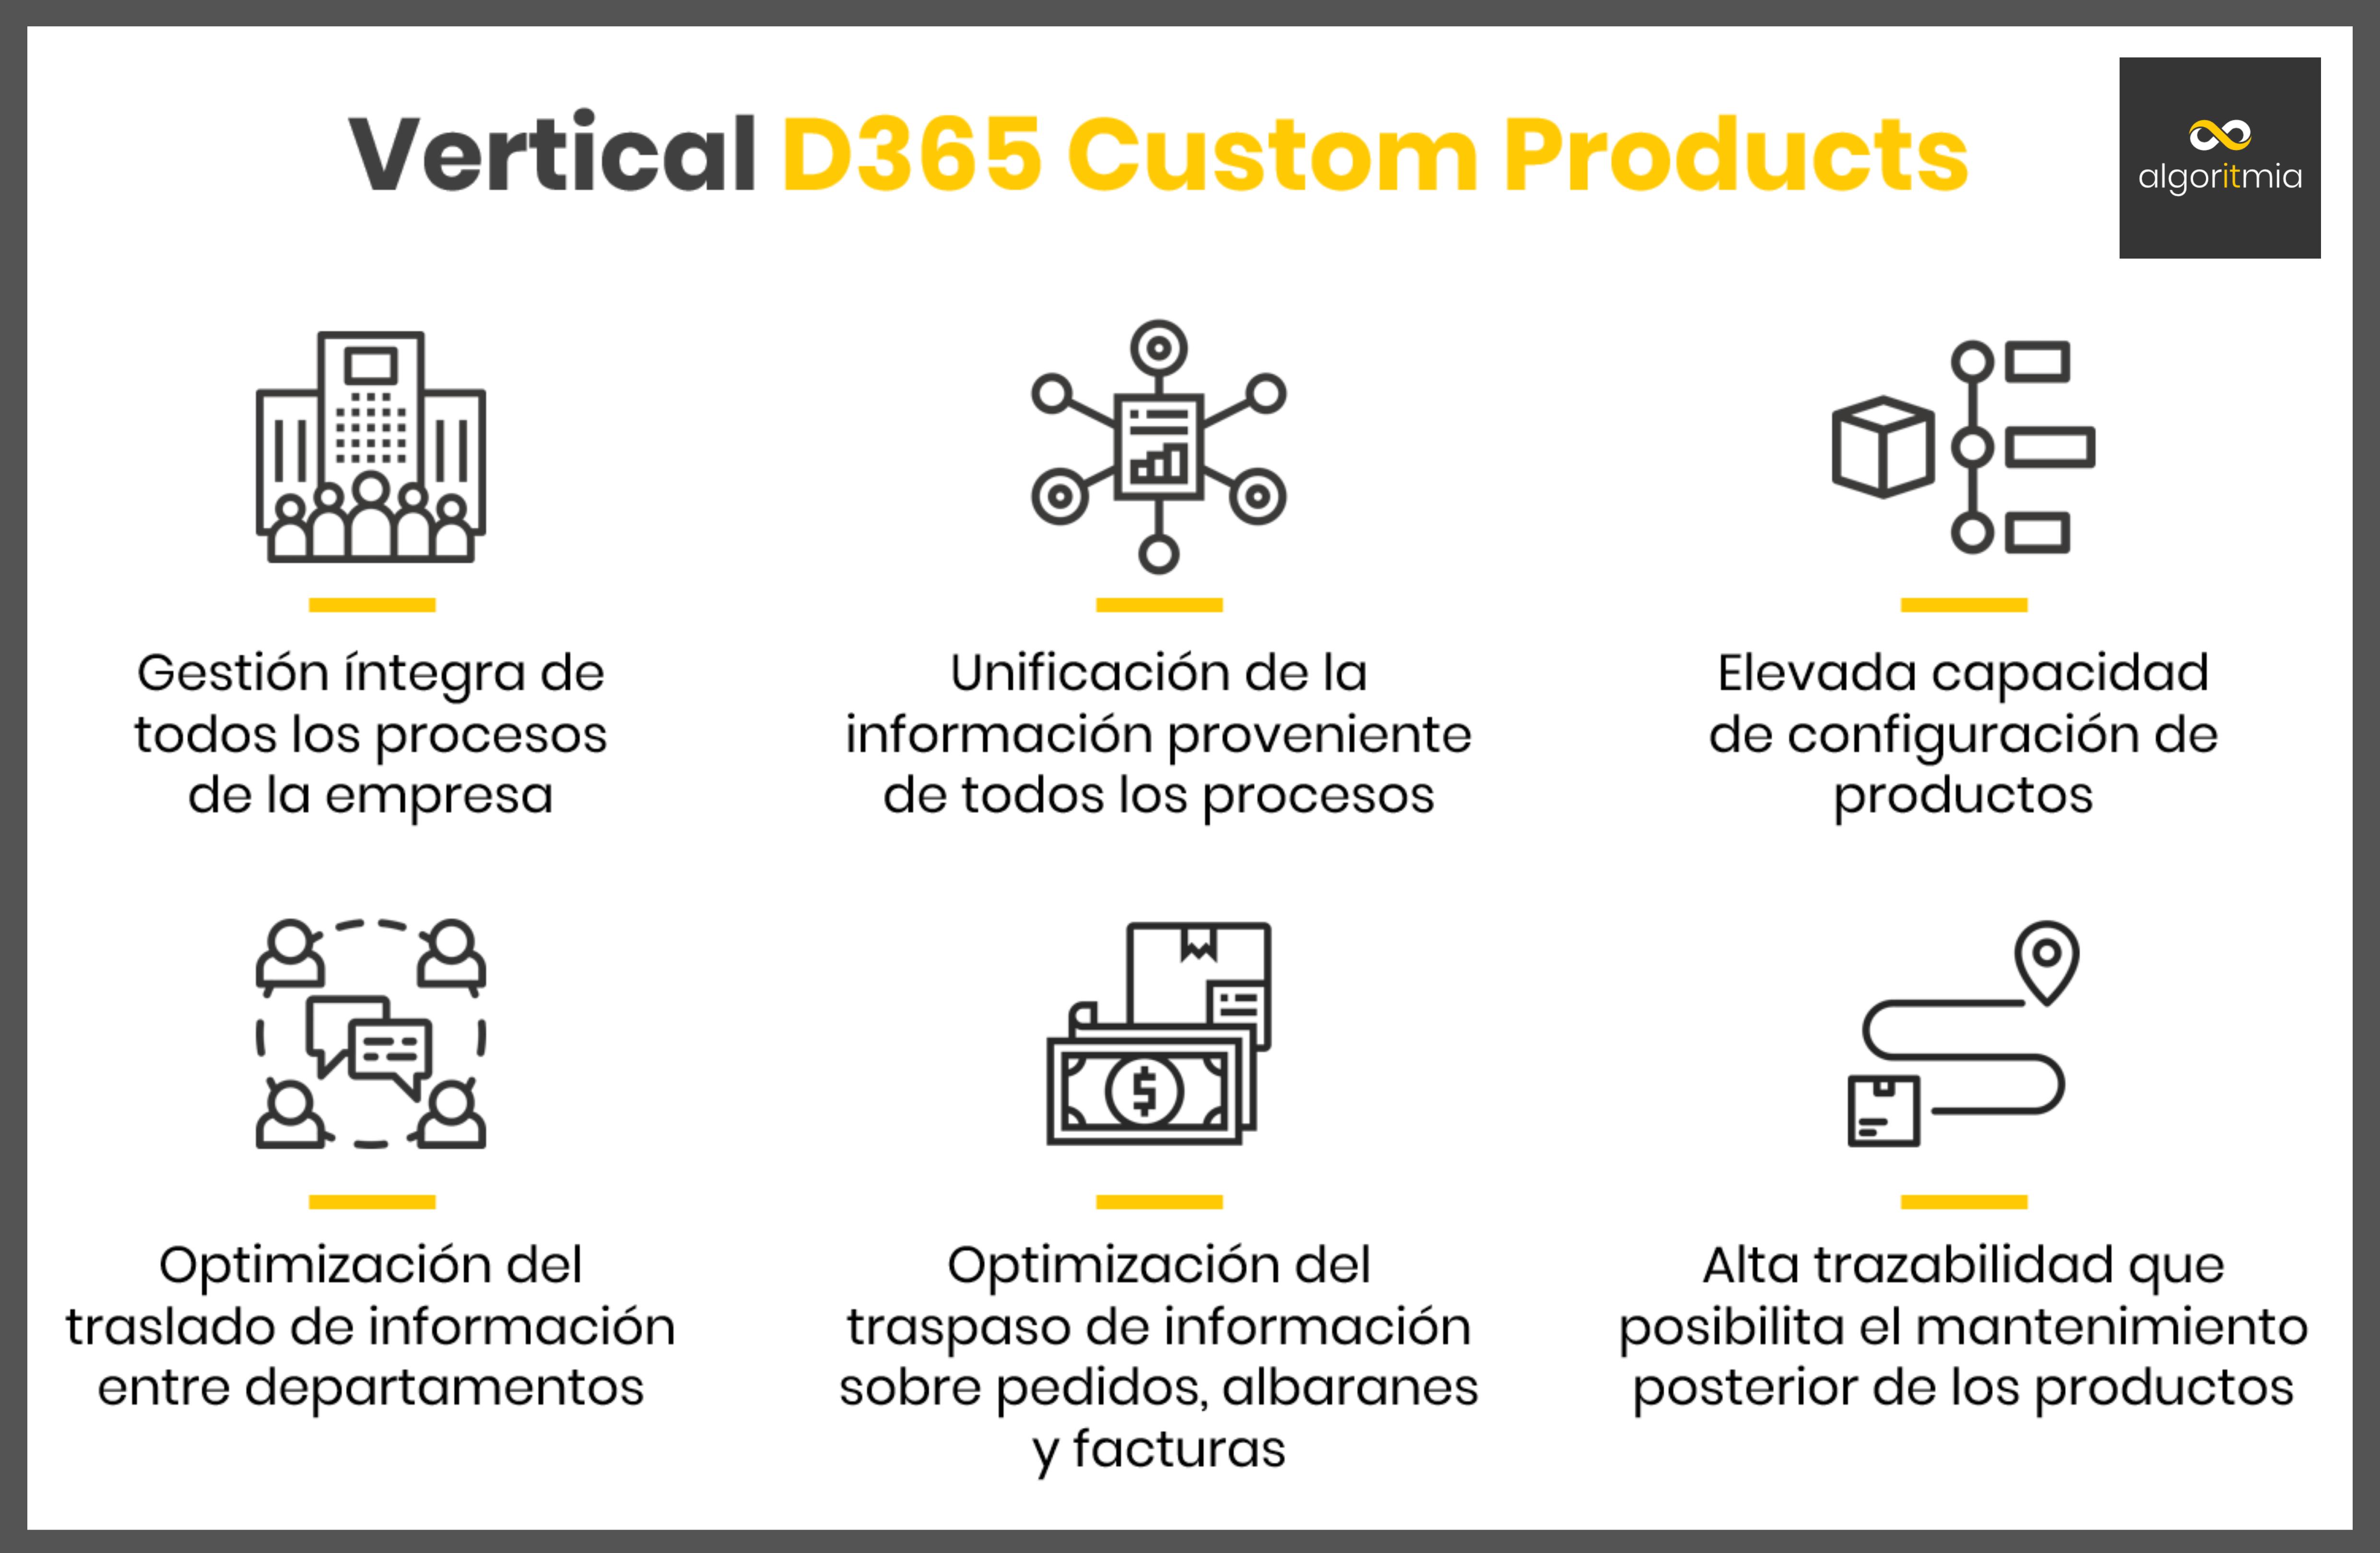 Ventajas del Vertical Custom Products de Algoritmia